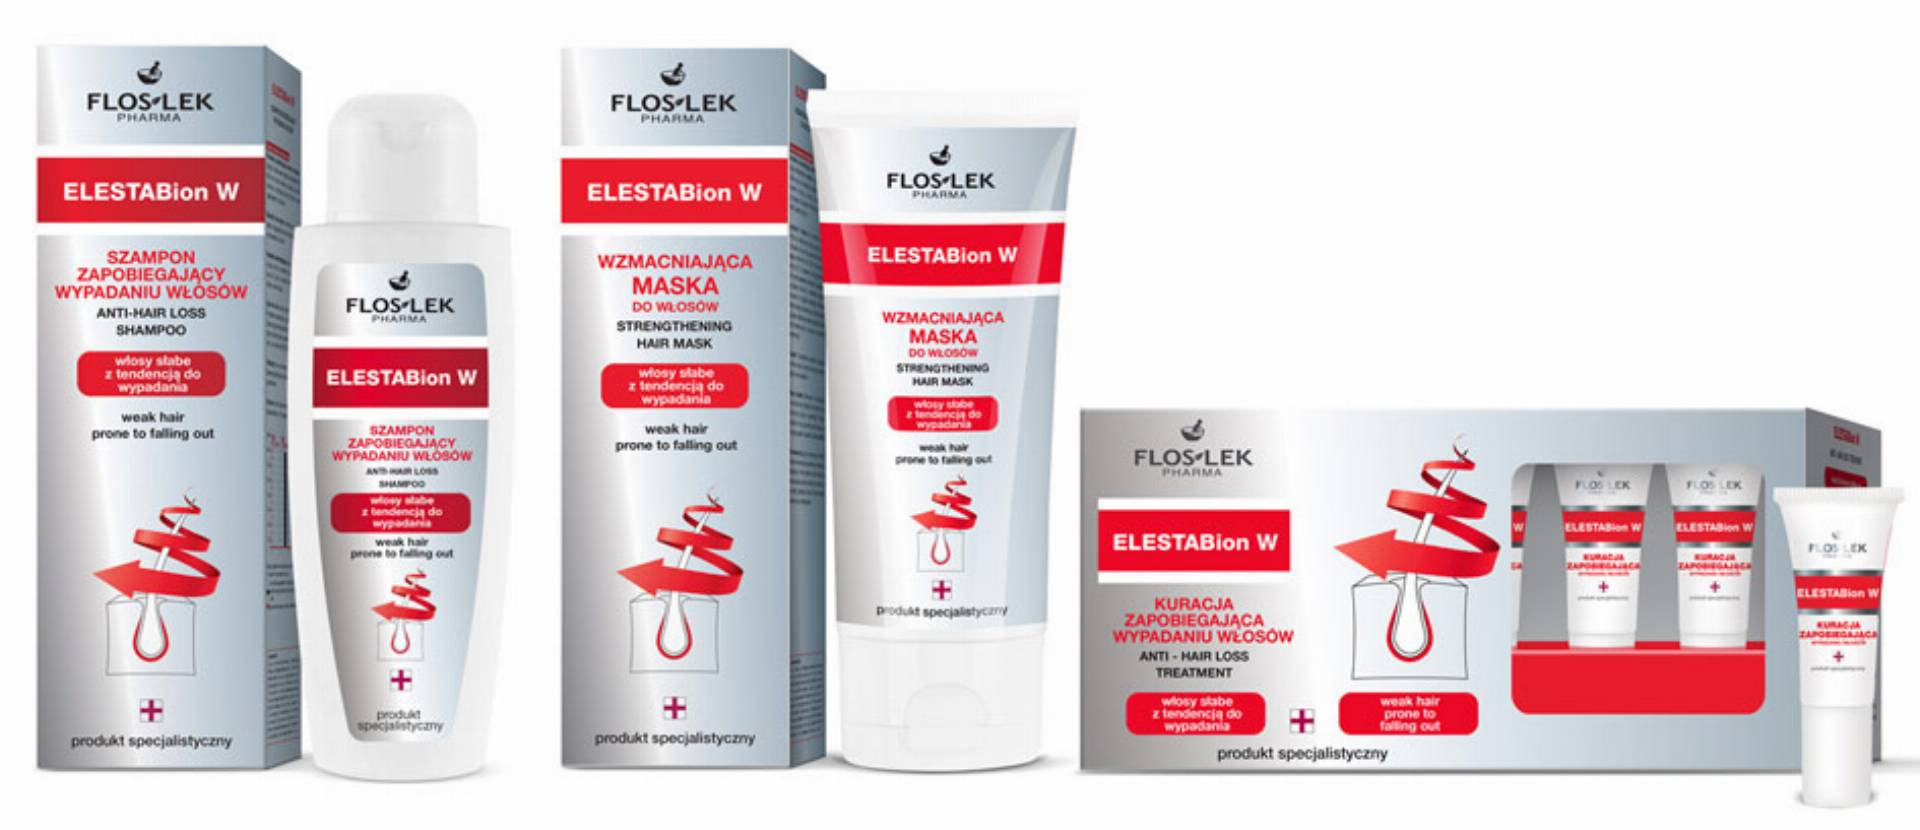 ELESTABIOELESTABION---kosmetyki-do-włosów